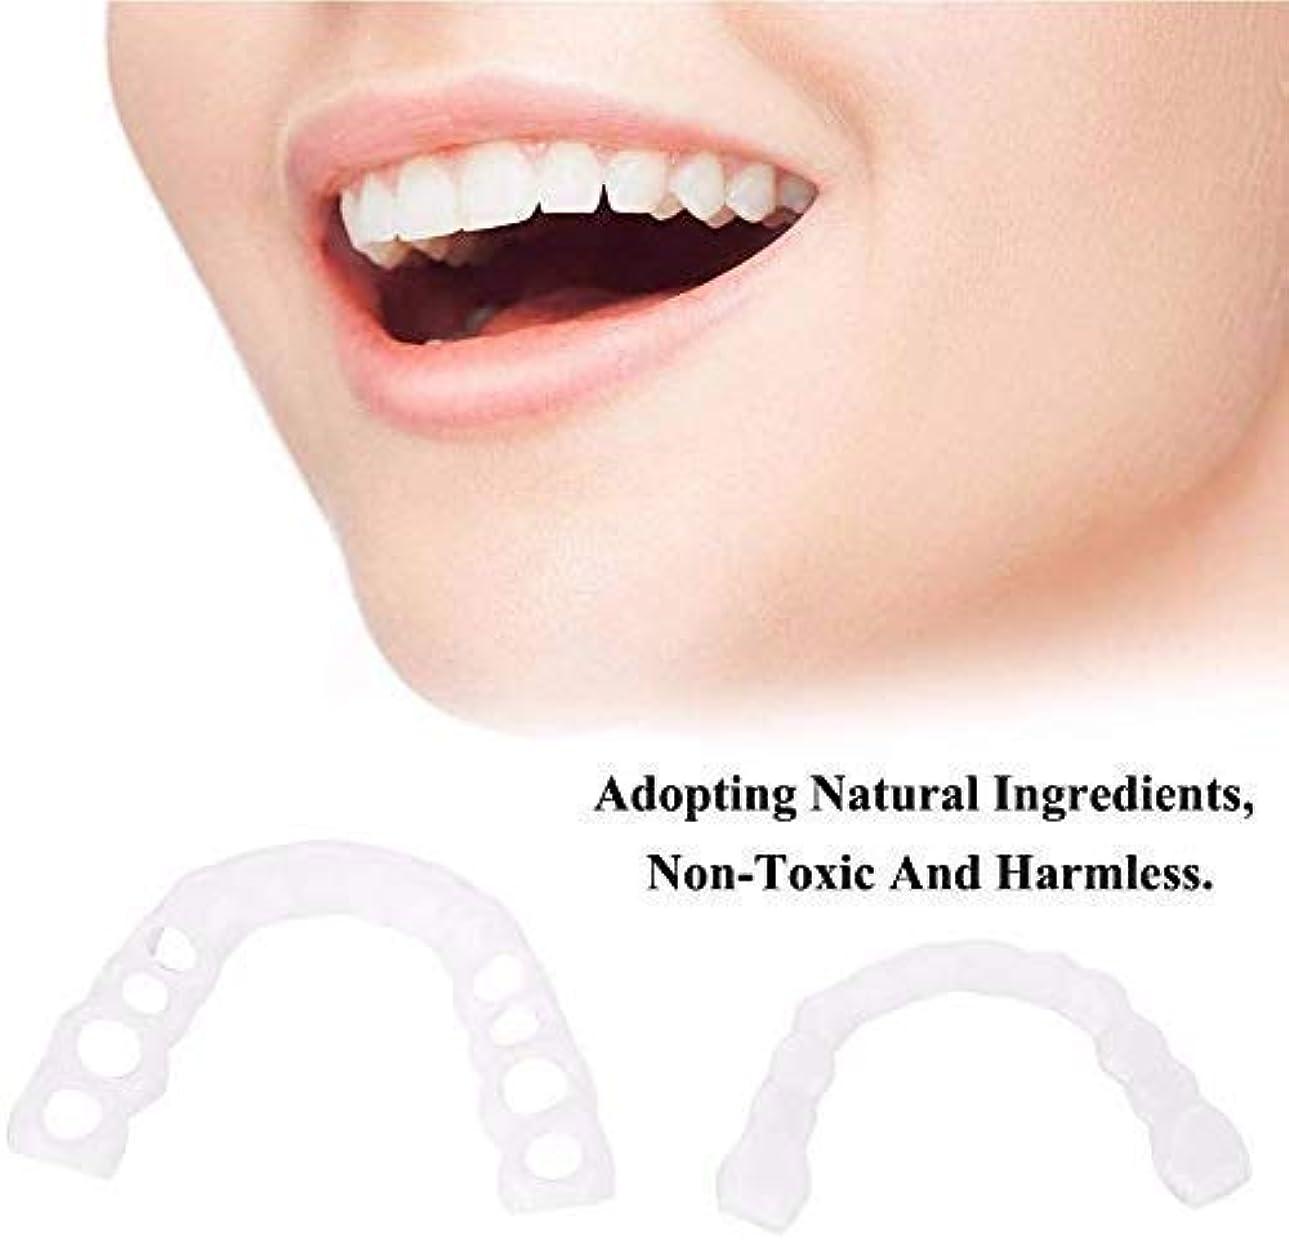 ヒステリック代理人痛い歯のホワイトニングトップとボトムの一時的なスマイルコンフォートフィット義歯歯化粧品ステッカー1ペア、不足している歯の交換、化粧品の歯を交換するため